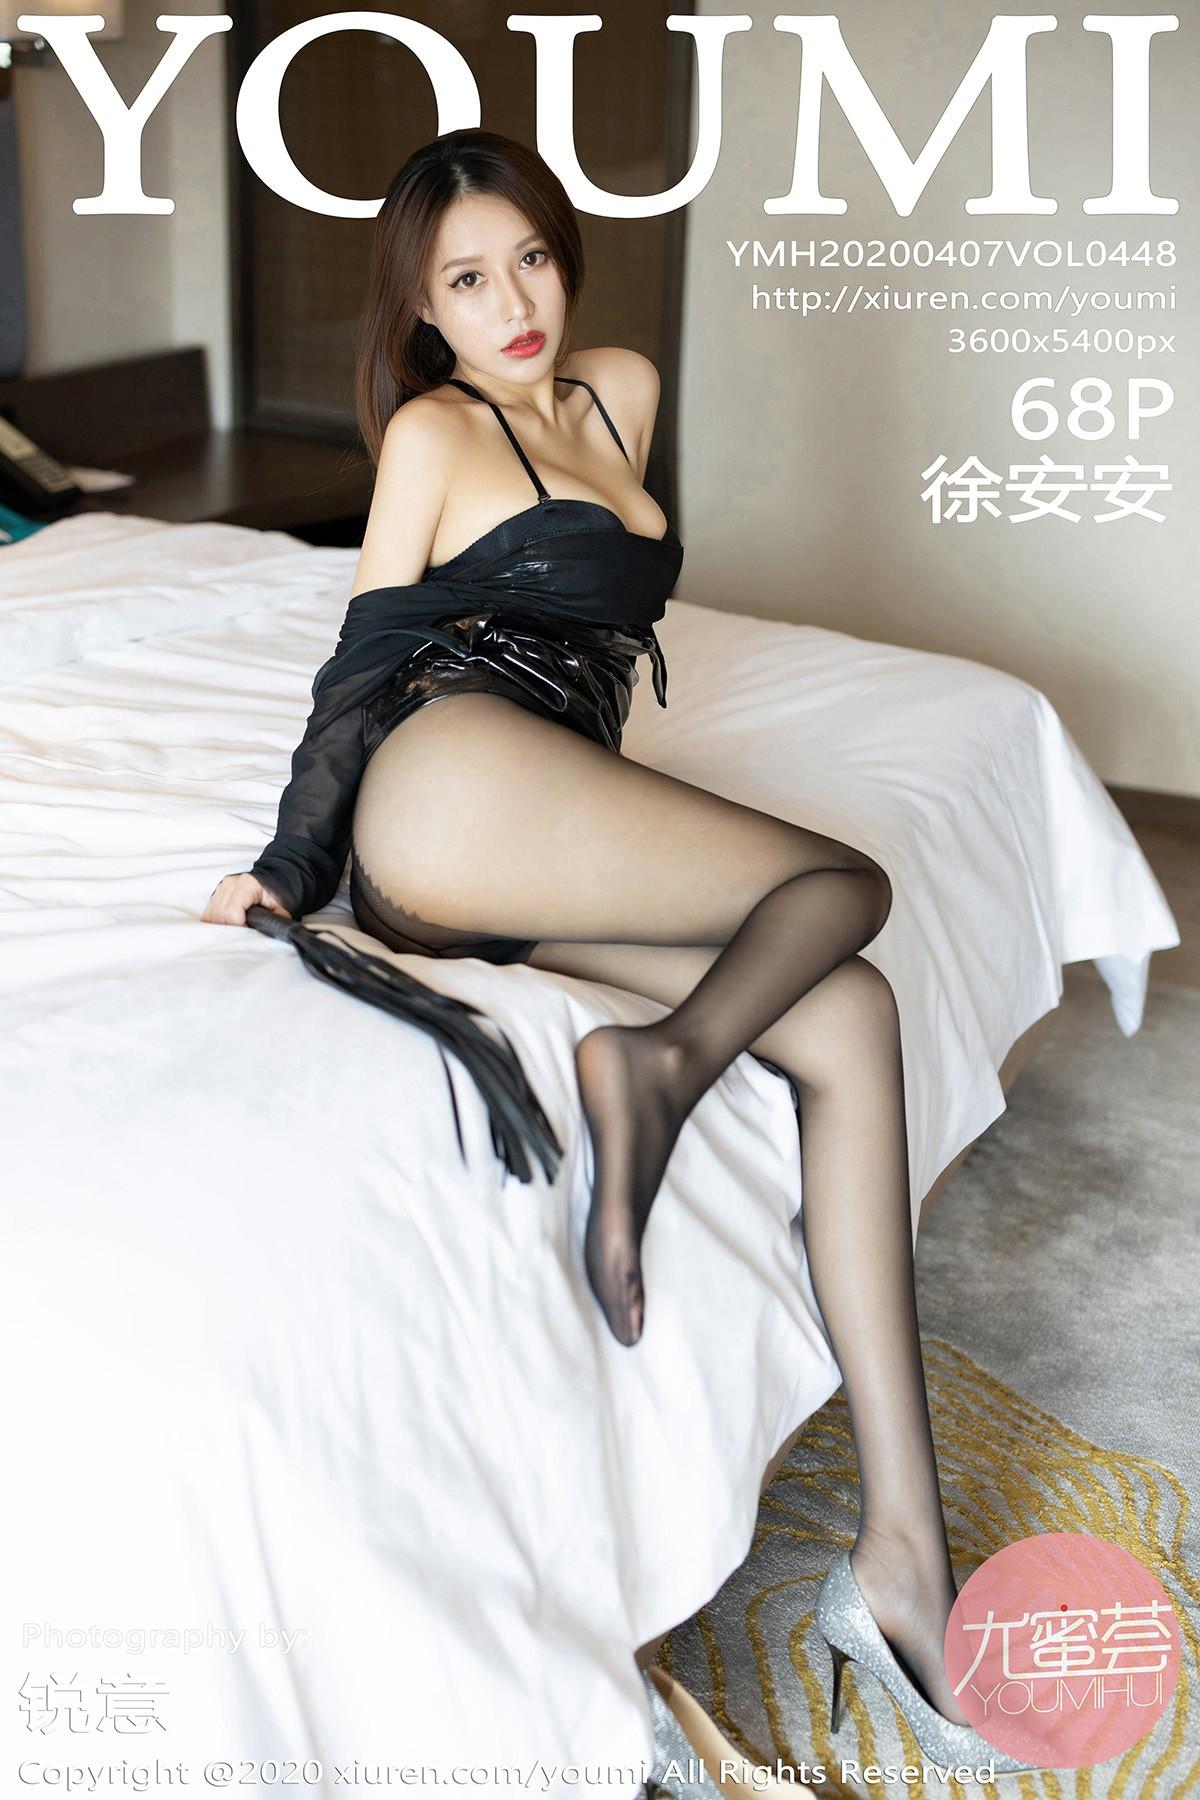 [YOUMI尤蜜荟]2020.04.07 VOL.448 徐安安[69P] 尤蜜荟 第1张